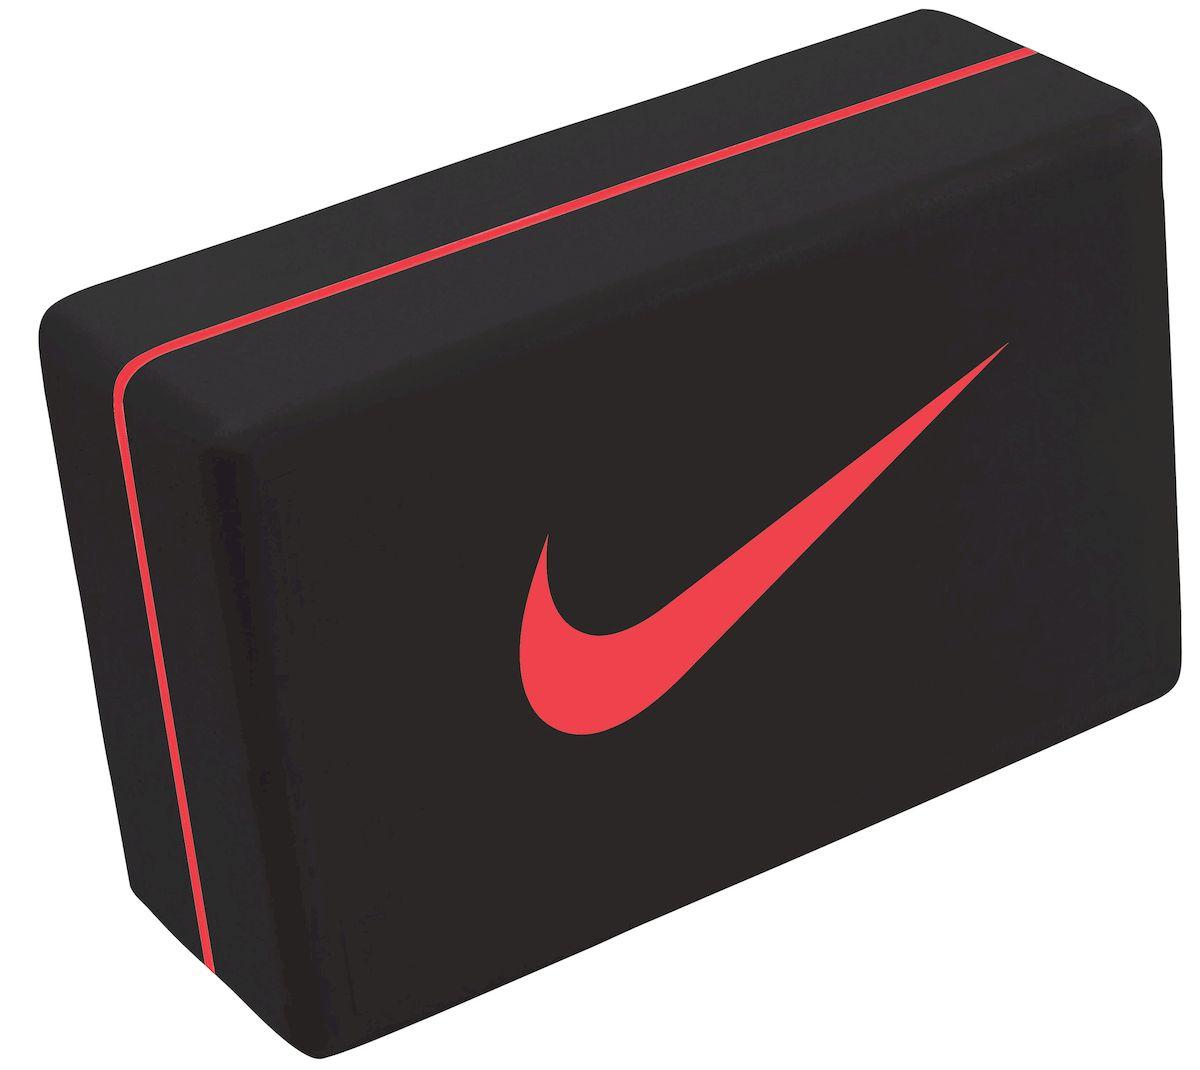 Блок для йоги Nike, цвет: черный, красныйN.YE.12.080.OSЛегкий и плотный блок для йоги помогает при занятиях йогой. Портативный размер, удобен при переноске. Износостойкий.